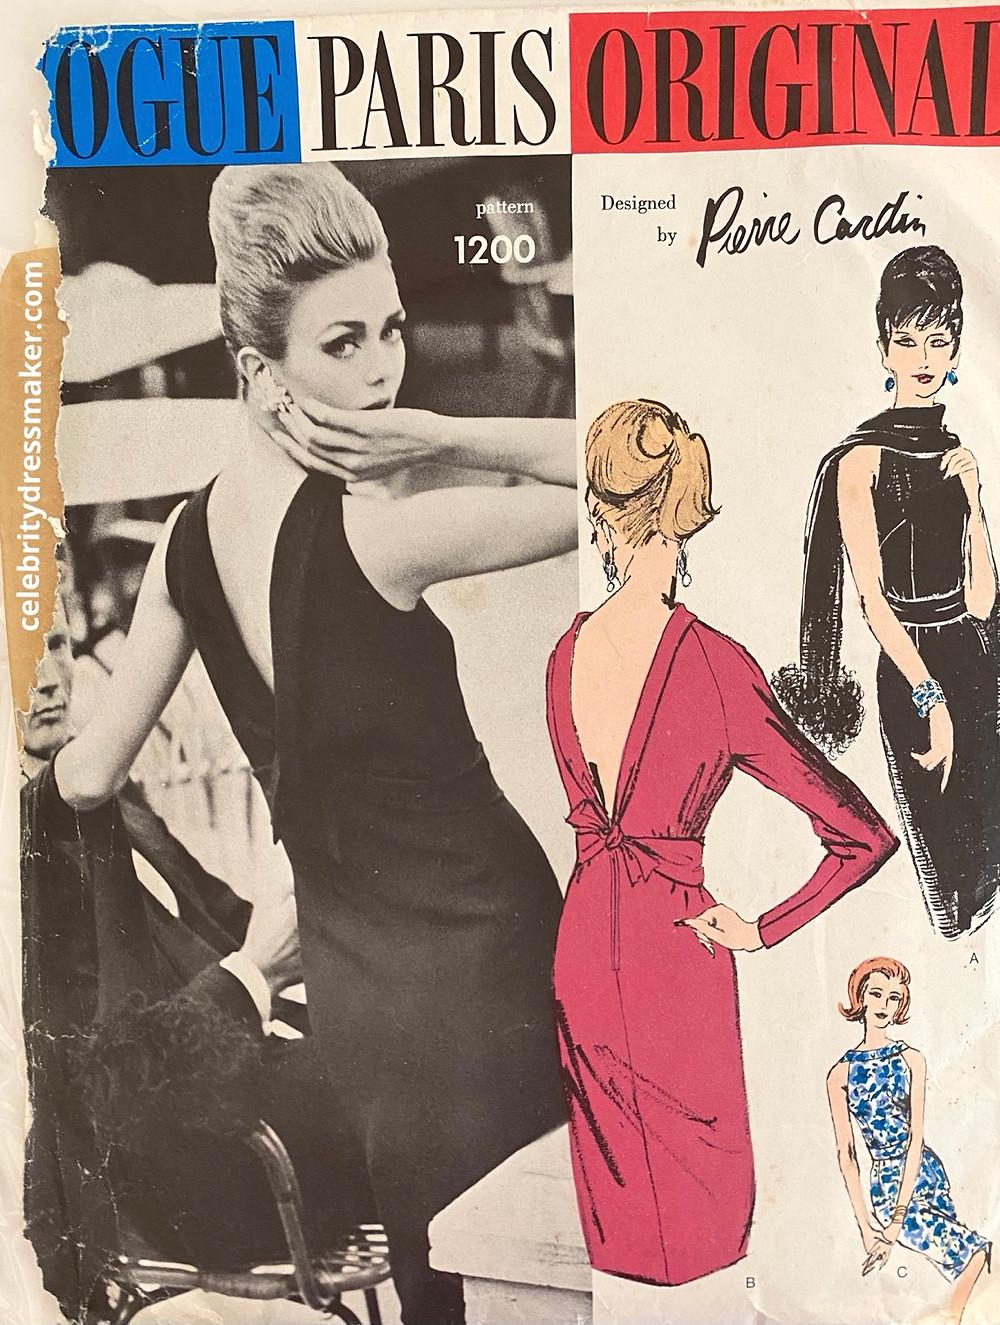 Vogue Paris Original #1200, Design by Pierre Cardin